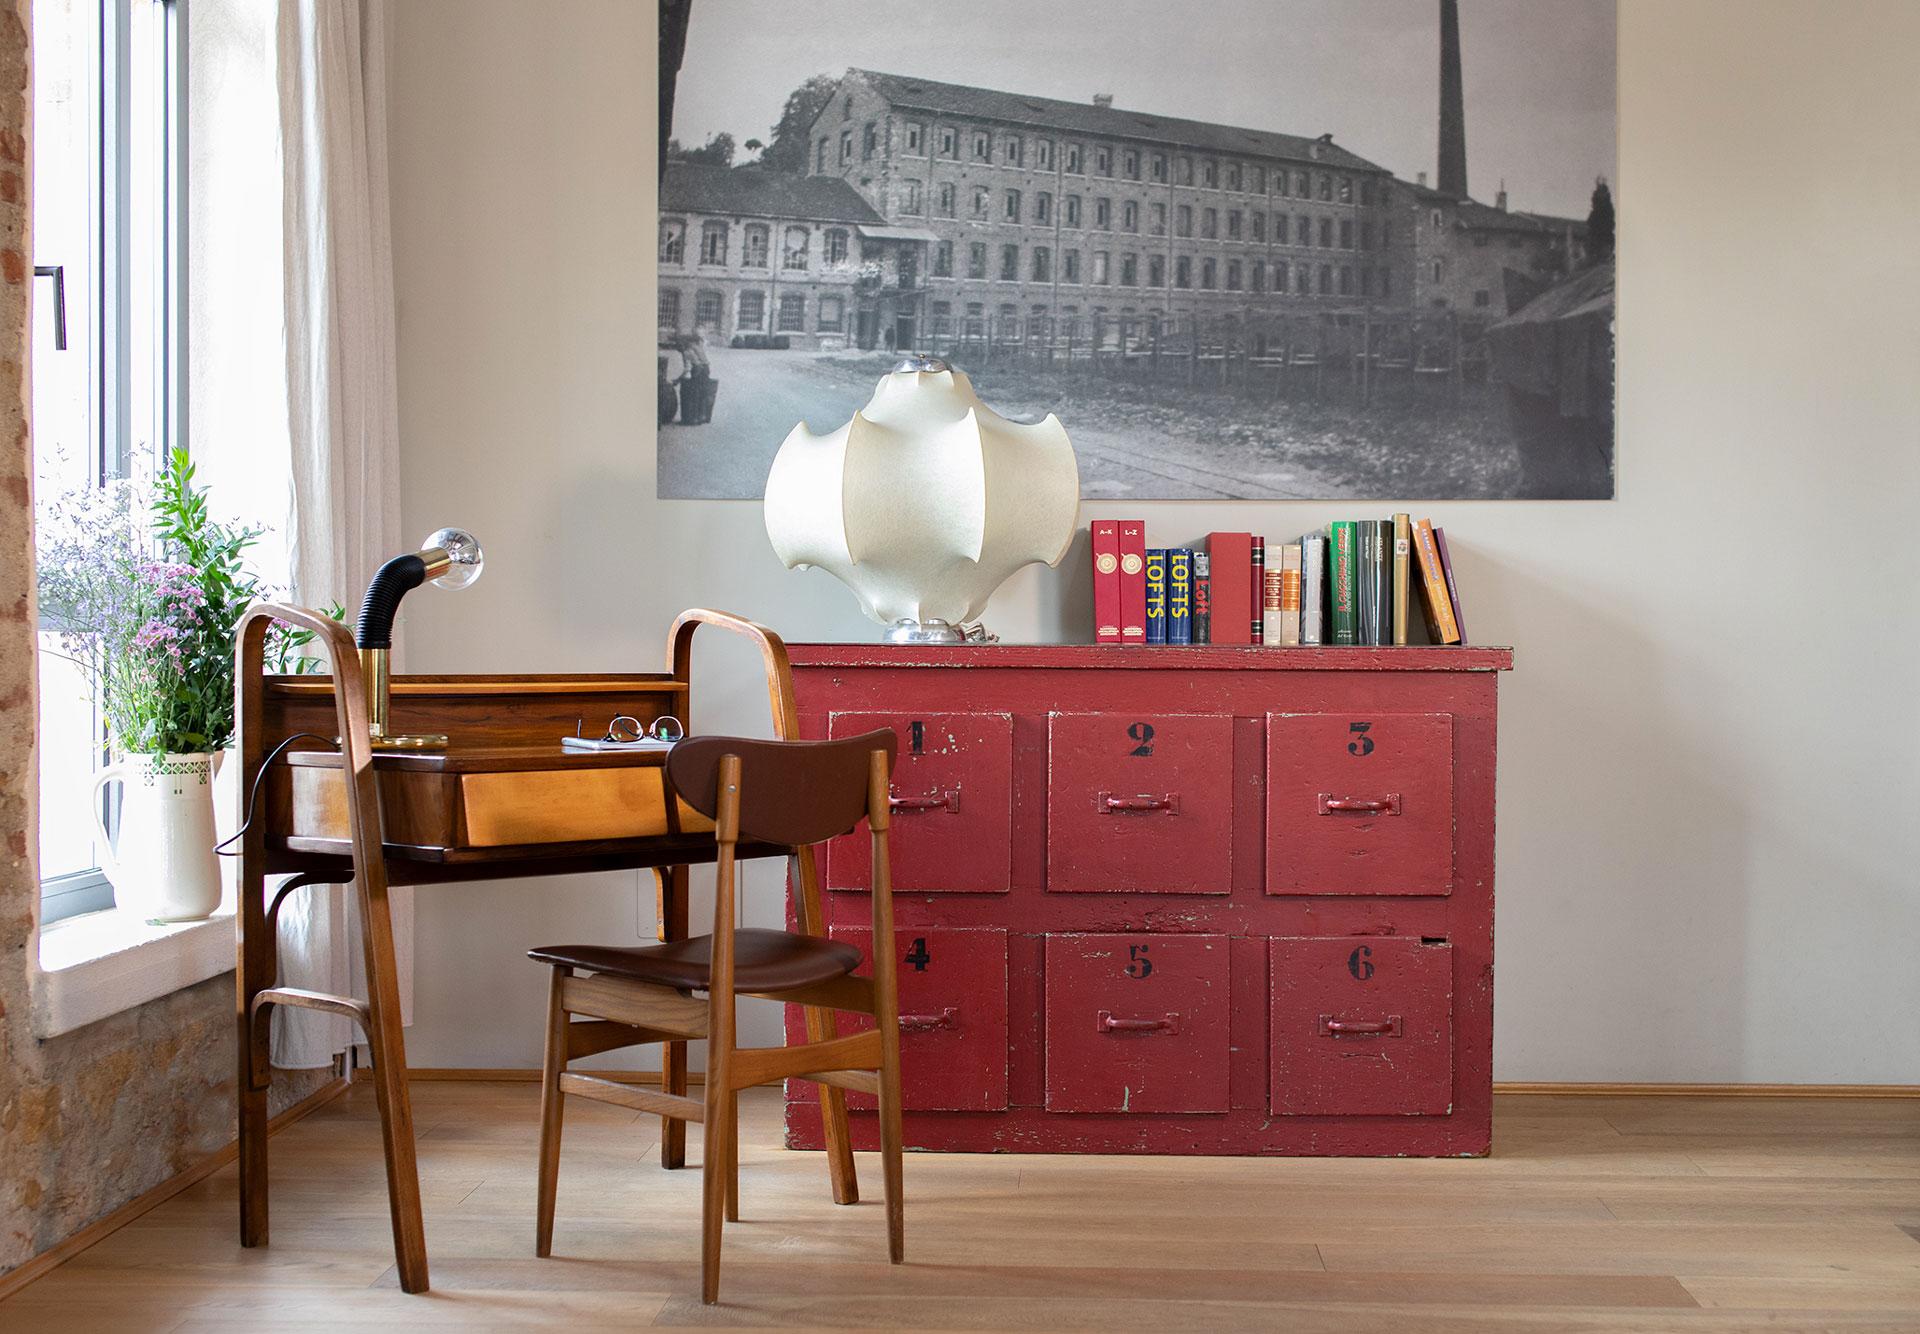 Come Allestire Una Libreria come arredare un loft industriale con mobili vintage